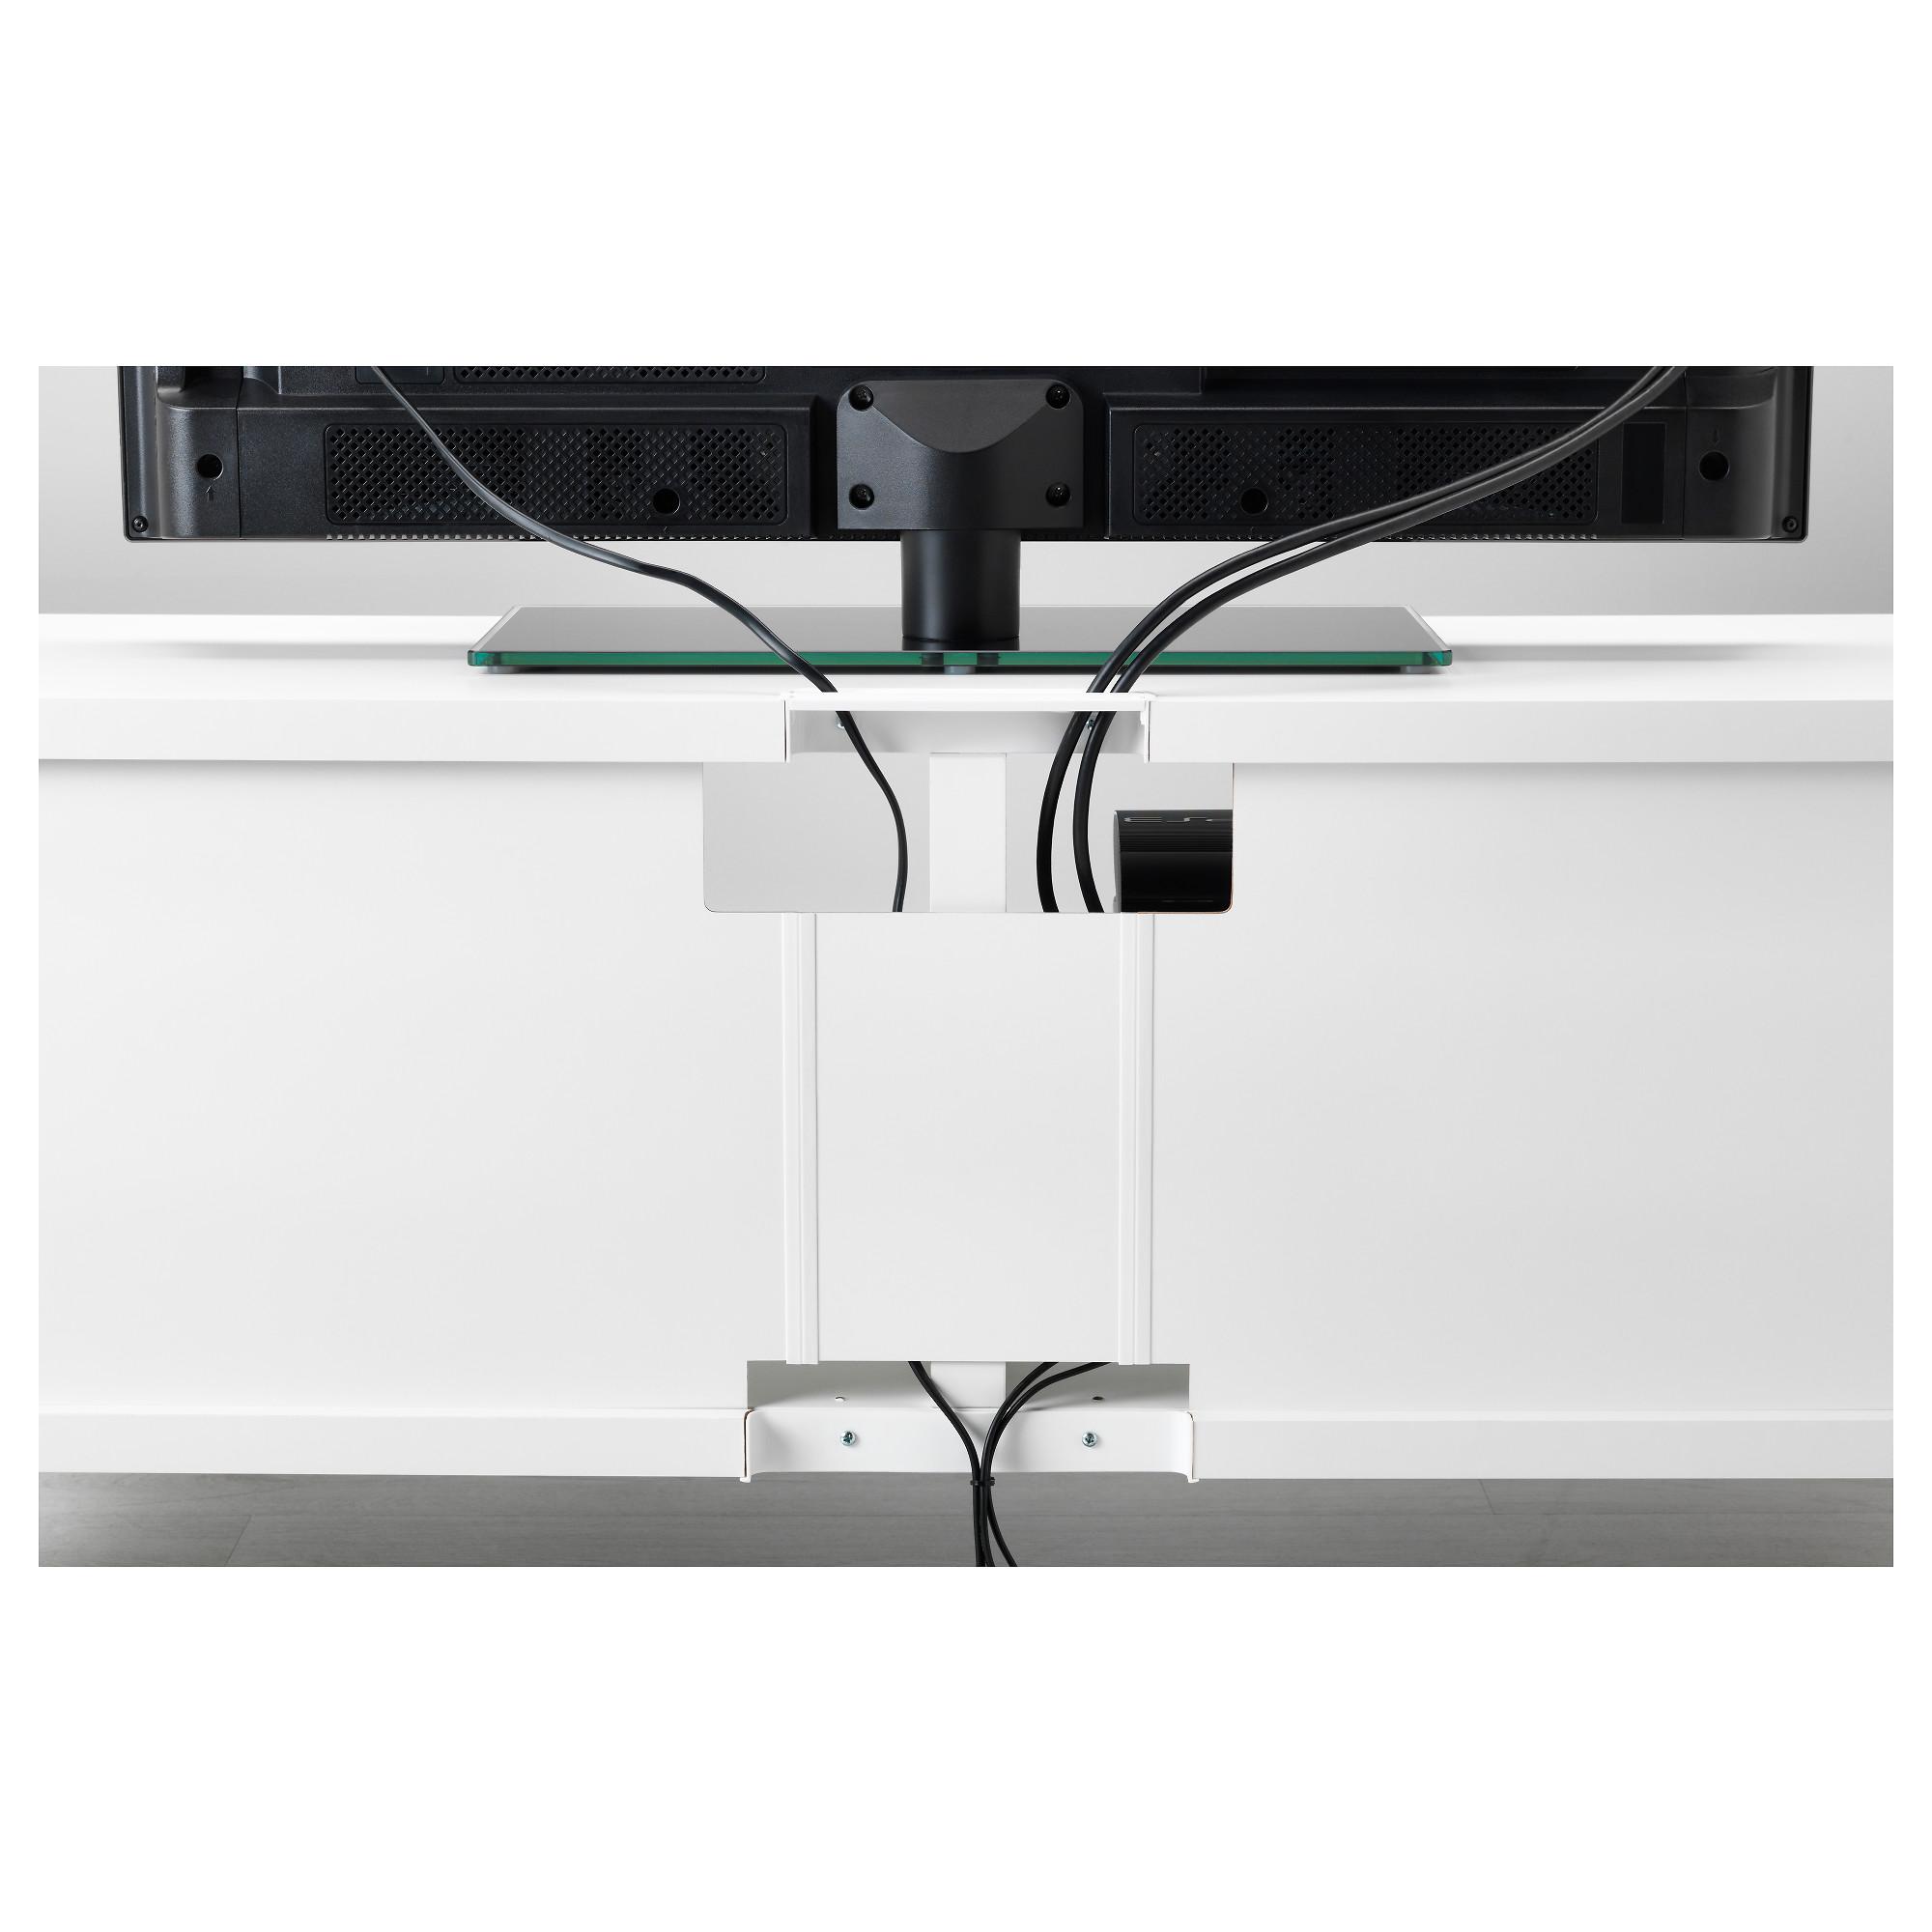 Шкаф для ТВ, комбинация БЕСТО белый артикуль № 292.516.77 в наличии. Интернет сайт IKEA Минск. Быстрая доставка и монтаж.